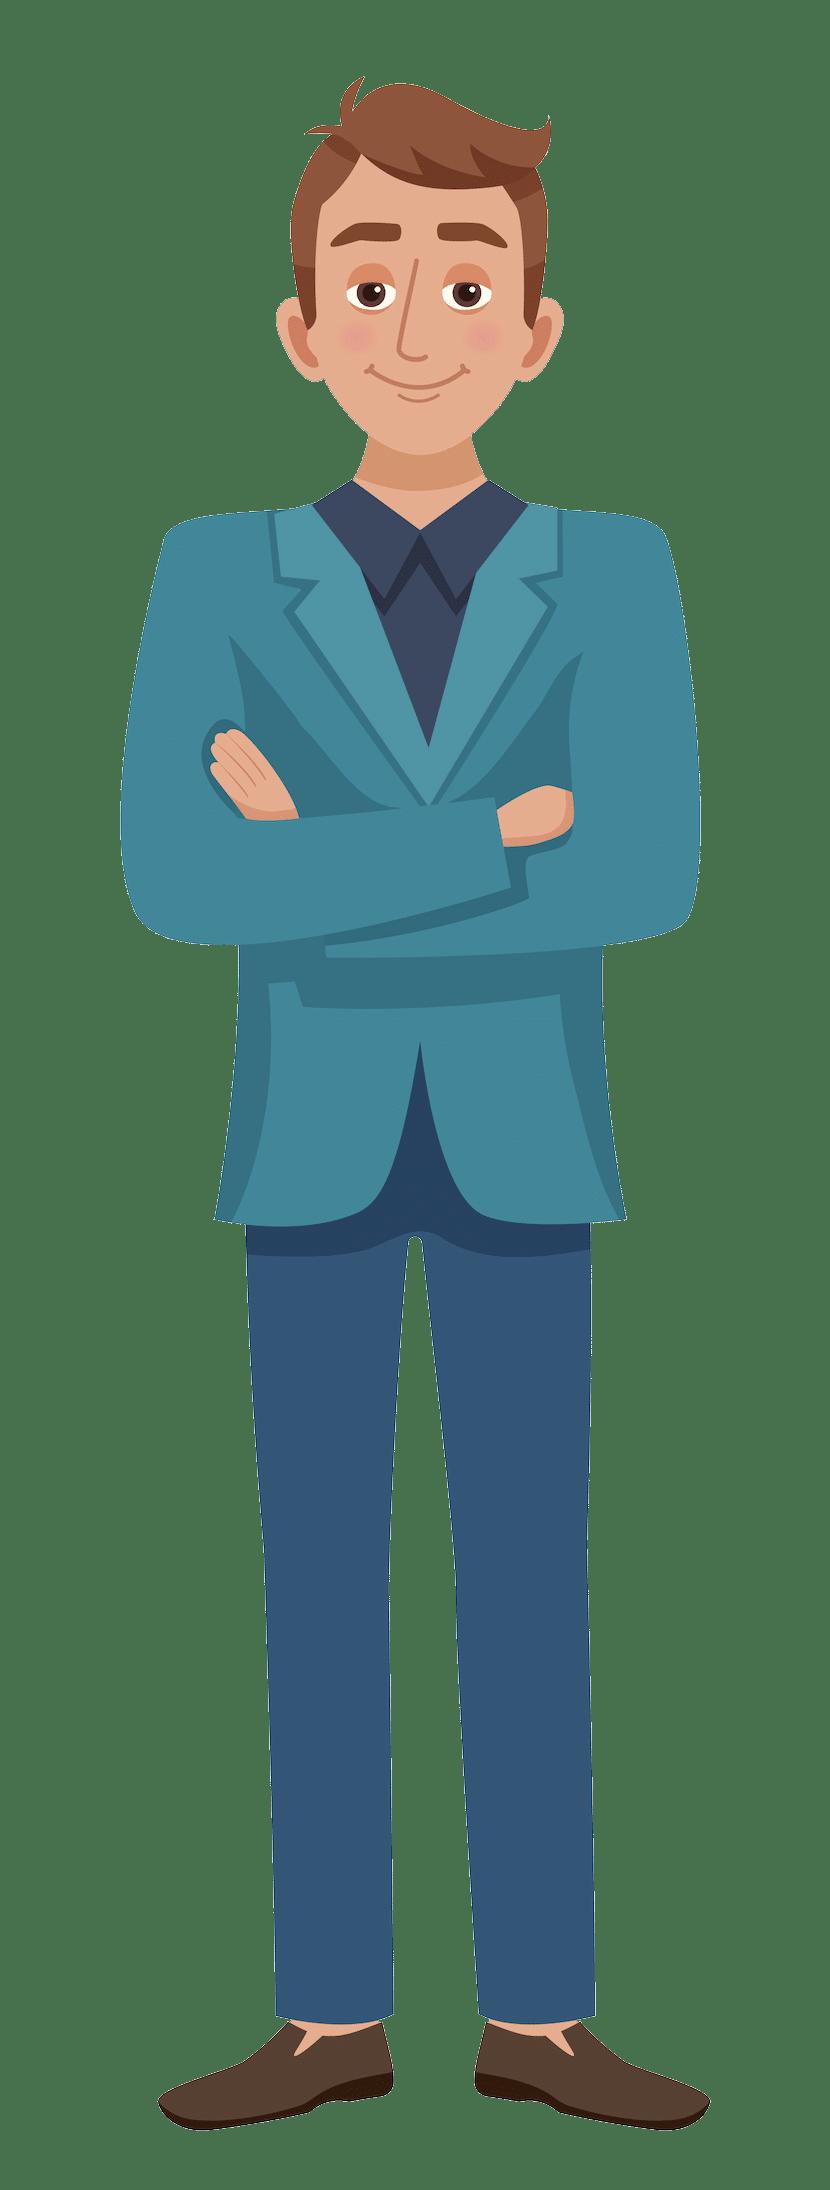 PERIFACT factuur programma  - man met armen over elkaar